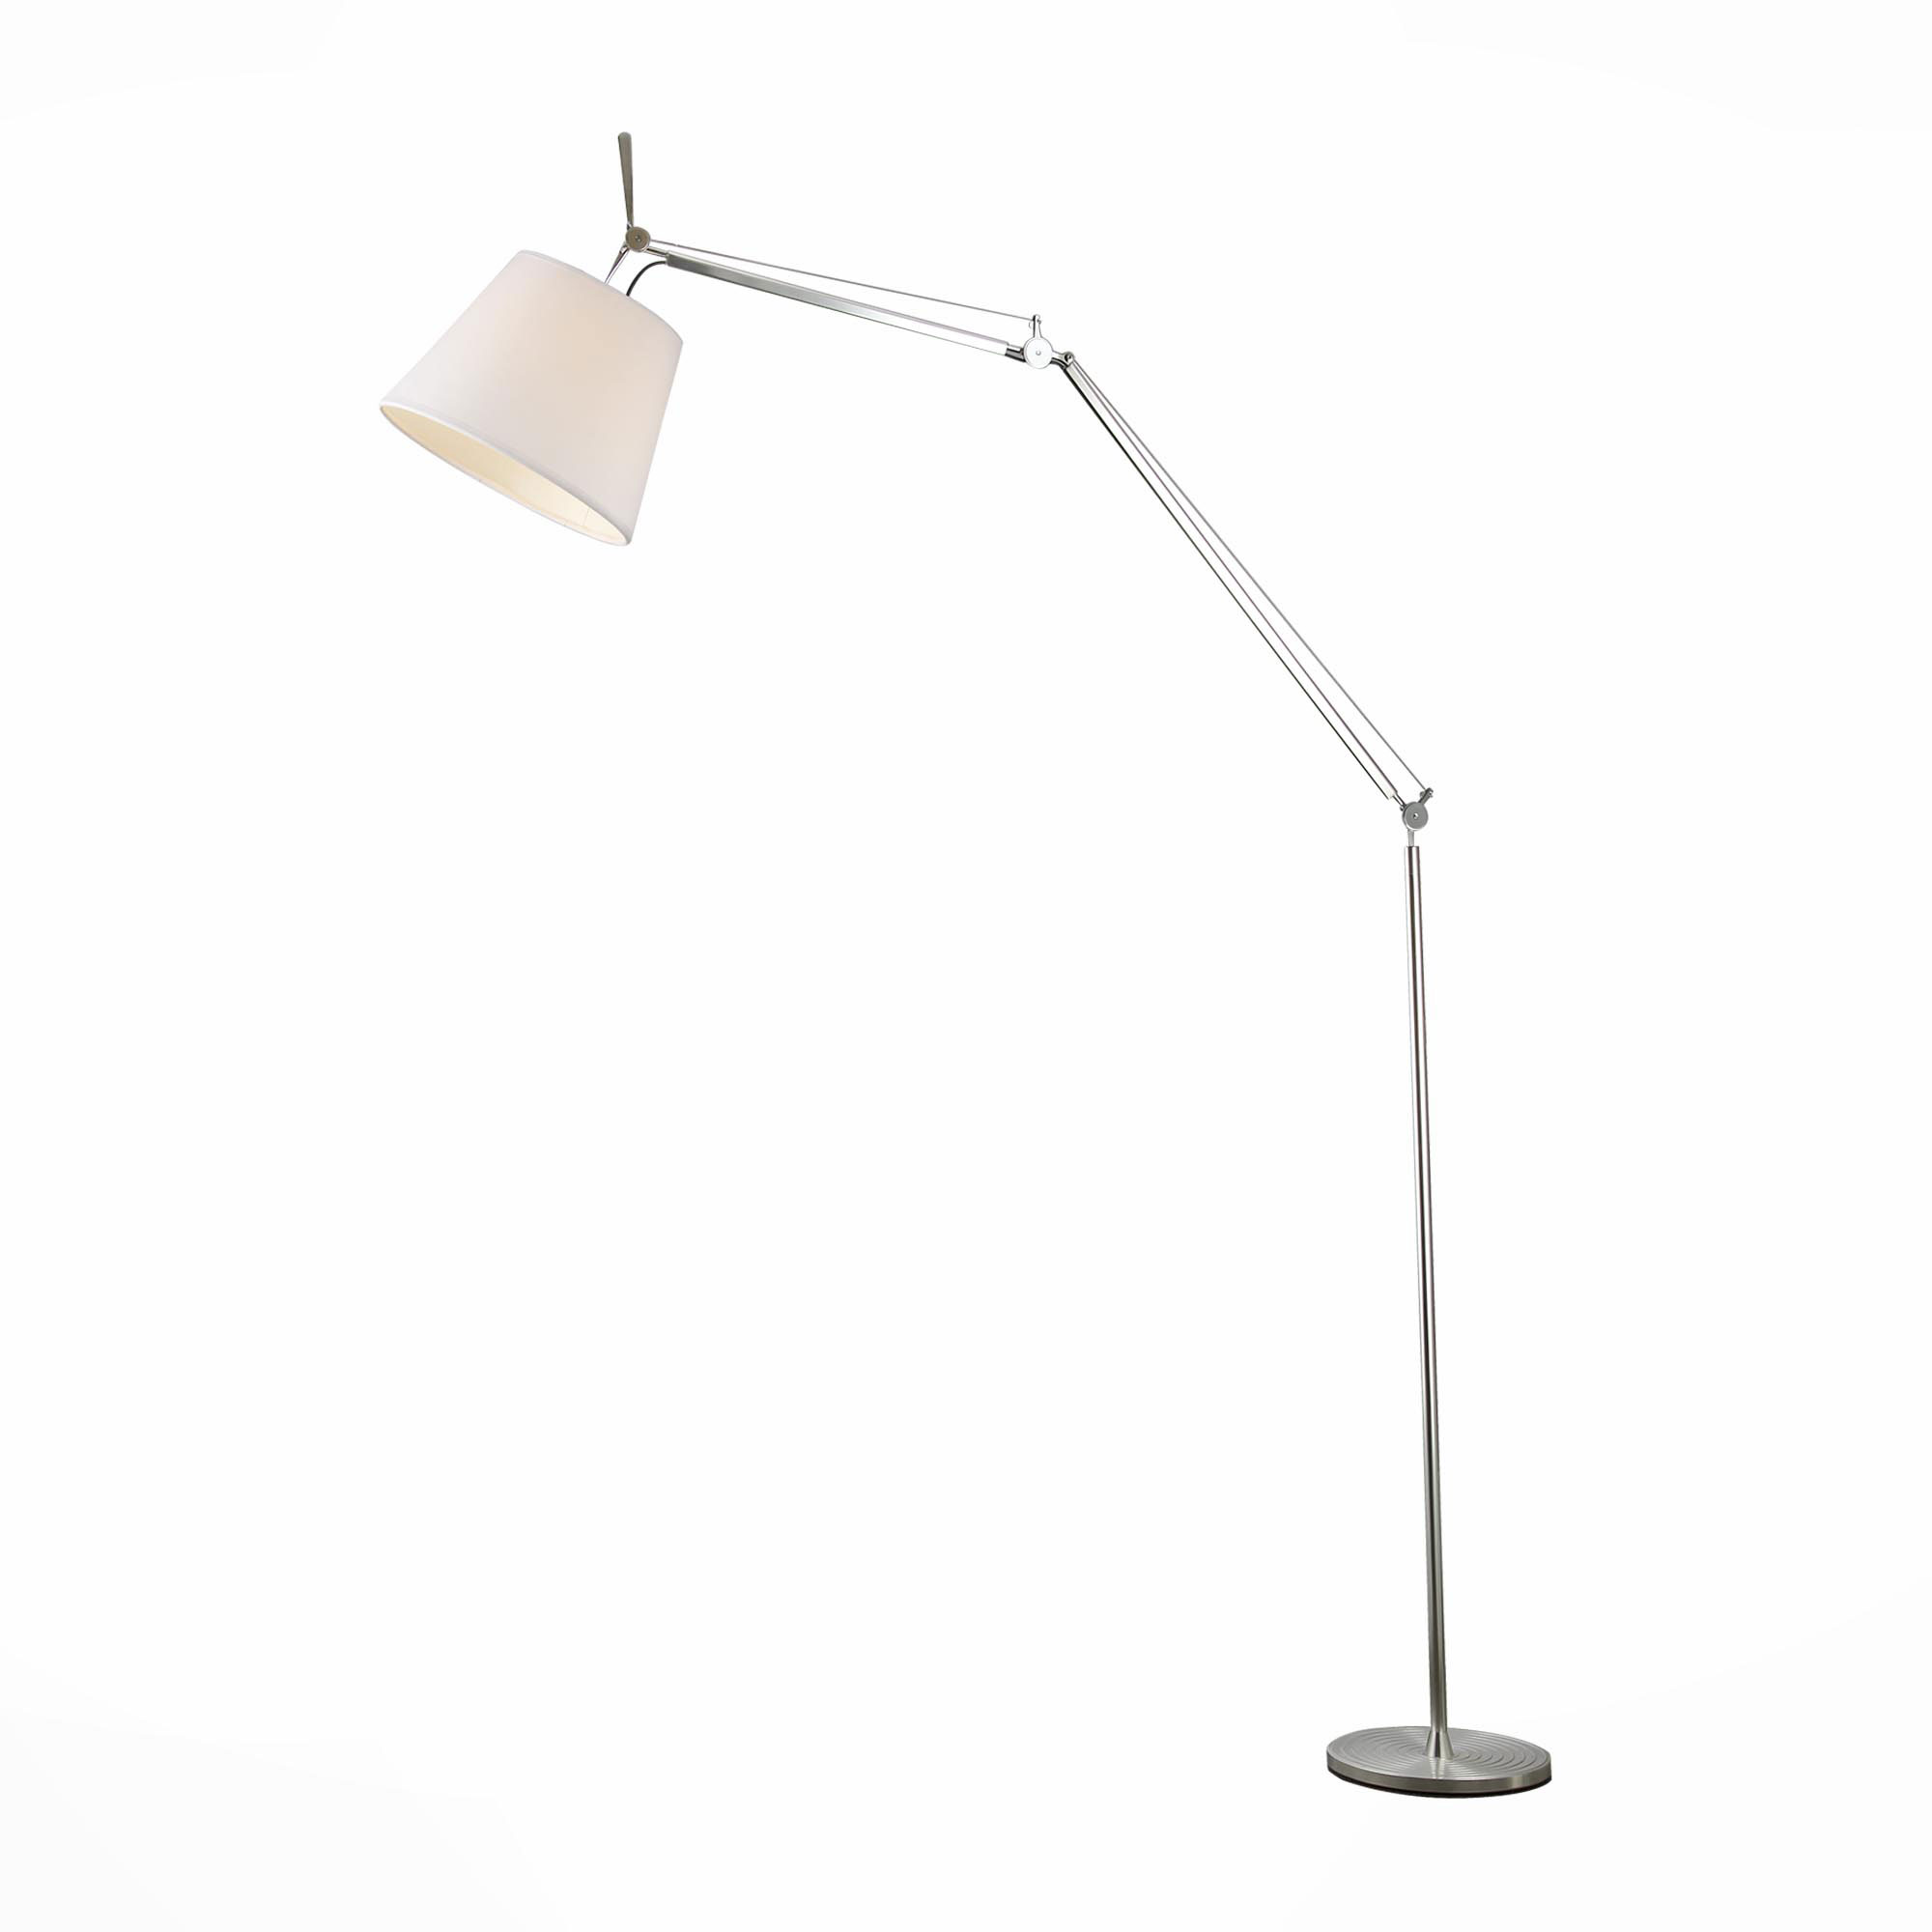 Купить настольную лампу в интернет-магазине, красивые